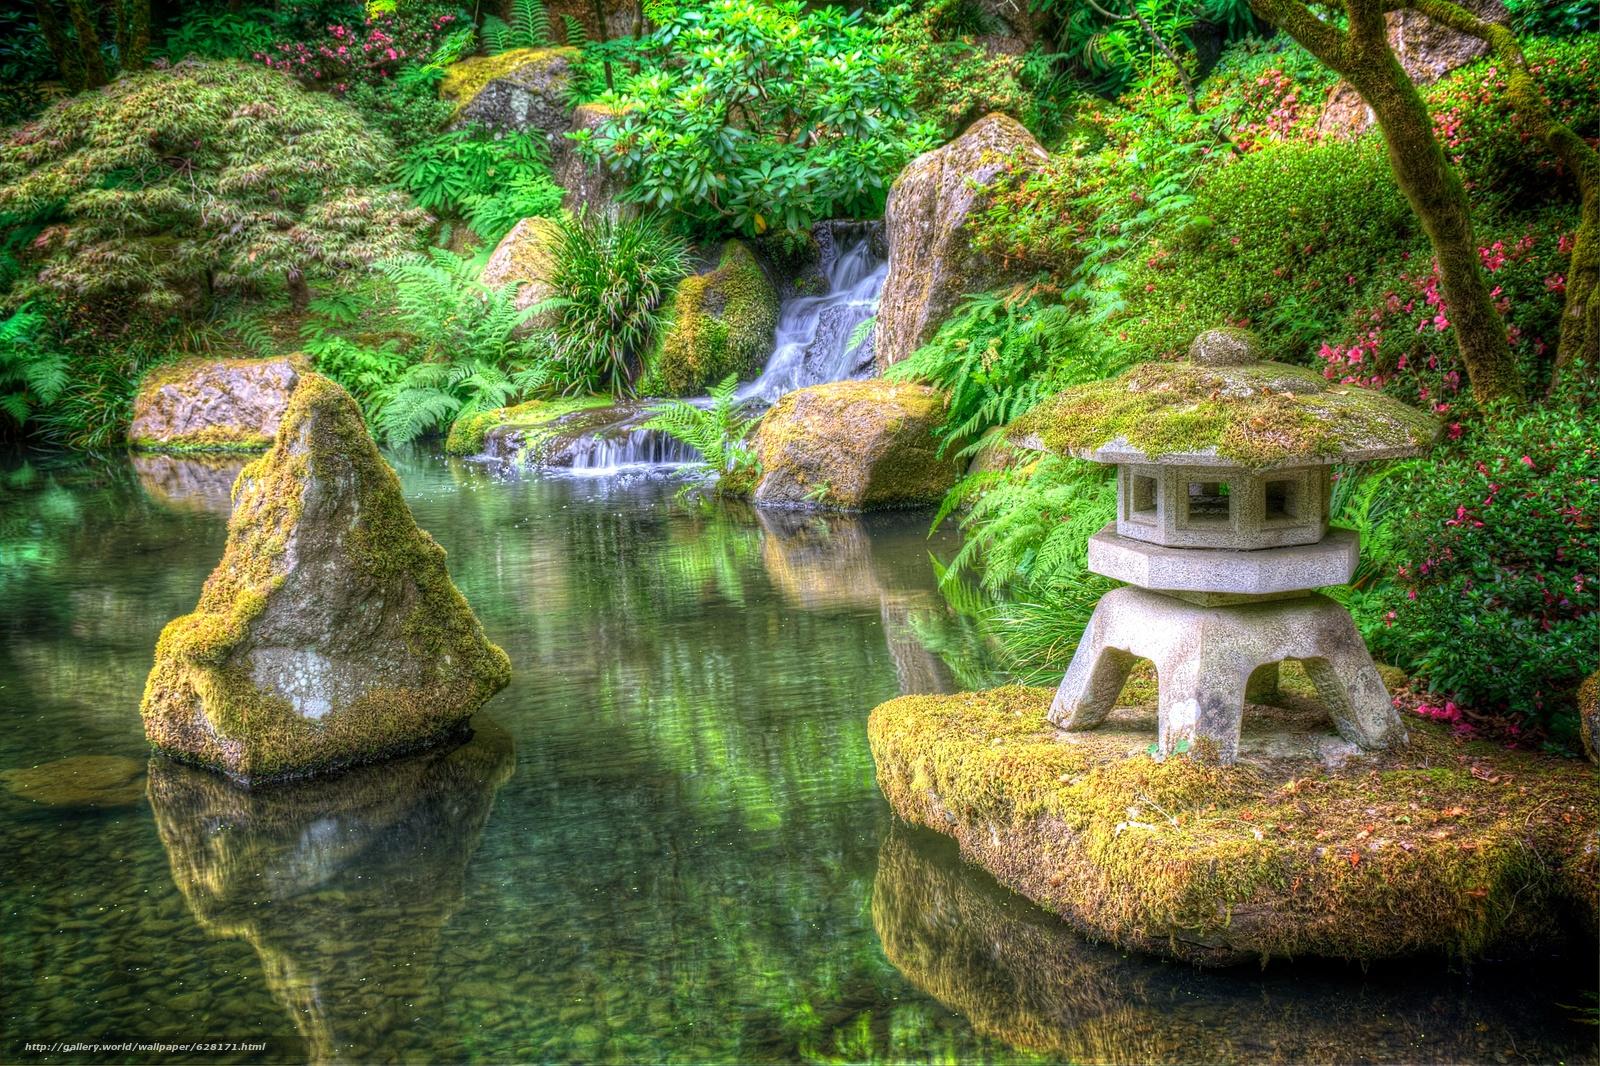 tlcharger fond d 39 ecran jardin japonais jardin parc paysage fonds d 39 ecran gratuits pour votre. Black Bedroom Furniture Sets. Home Design Ideas